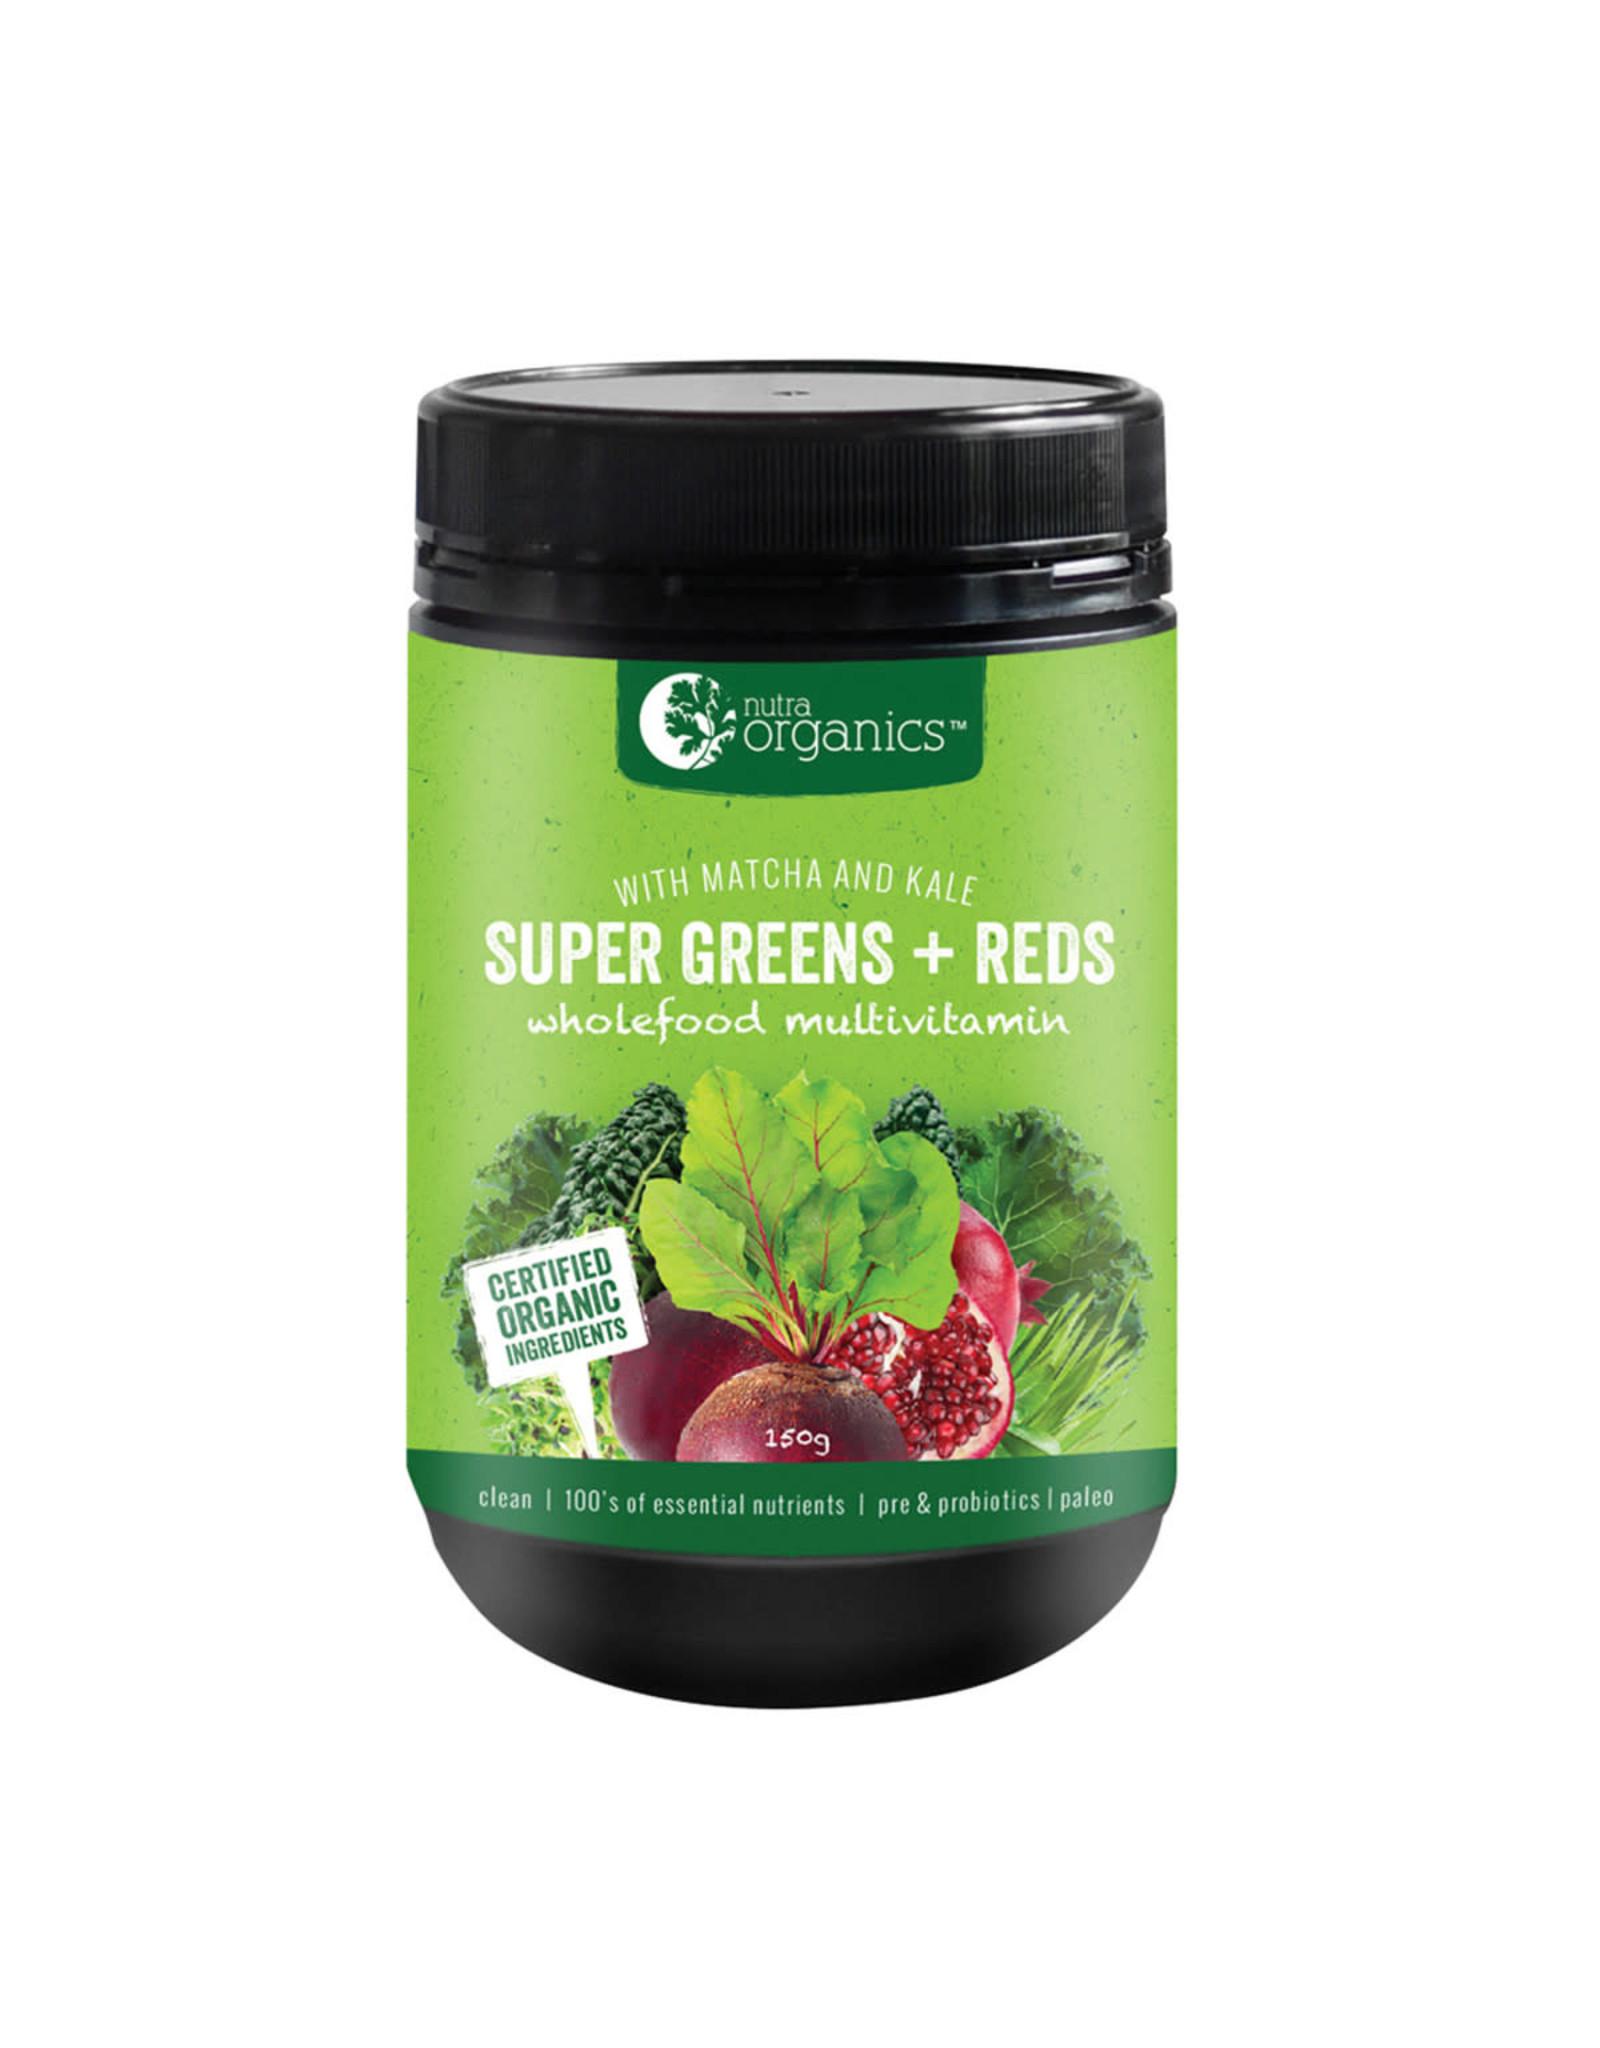 NutraOrganics Super Greens + Reds 150g